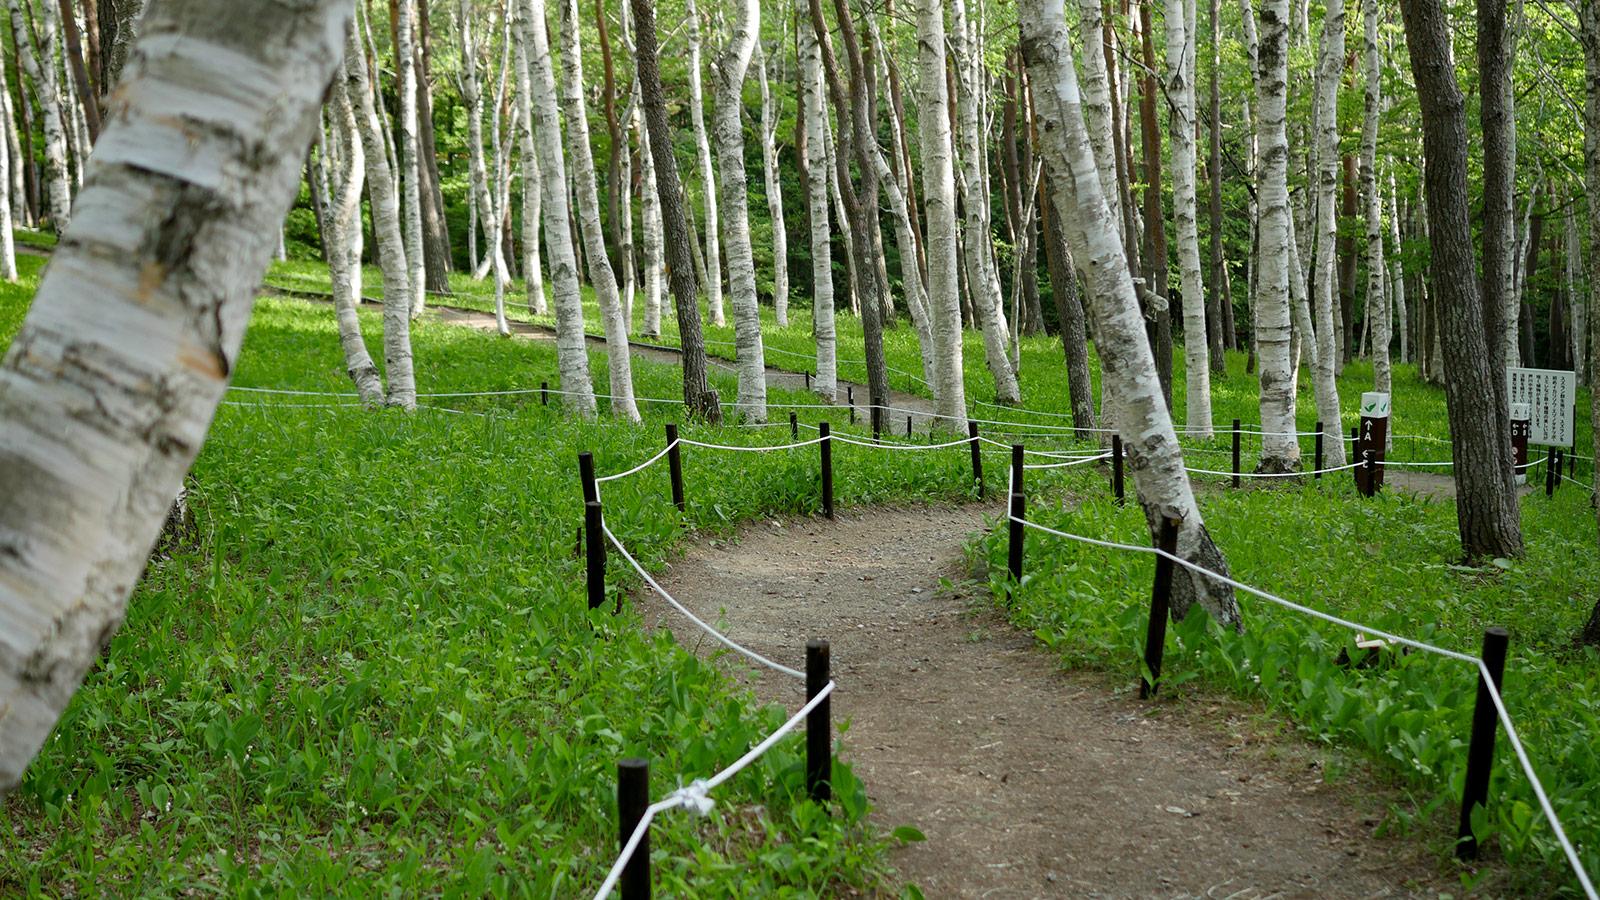 白樺林の中を歩くだけで、癒されます。そして微かに香る、すずらんの香り、ニュービ〜ズ〜って感じです。